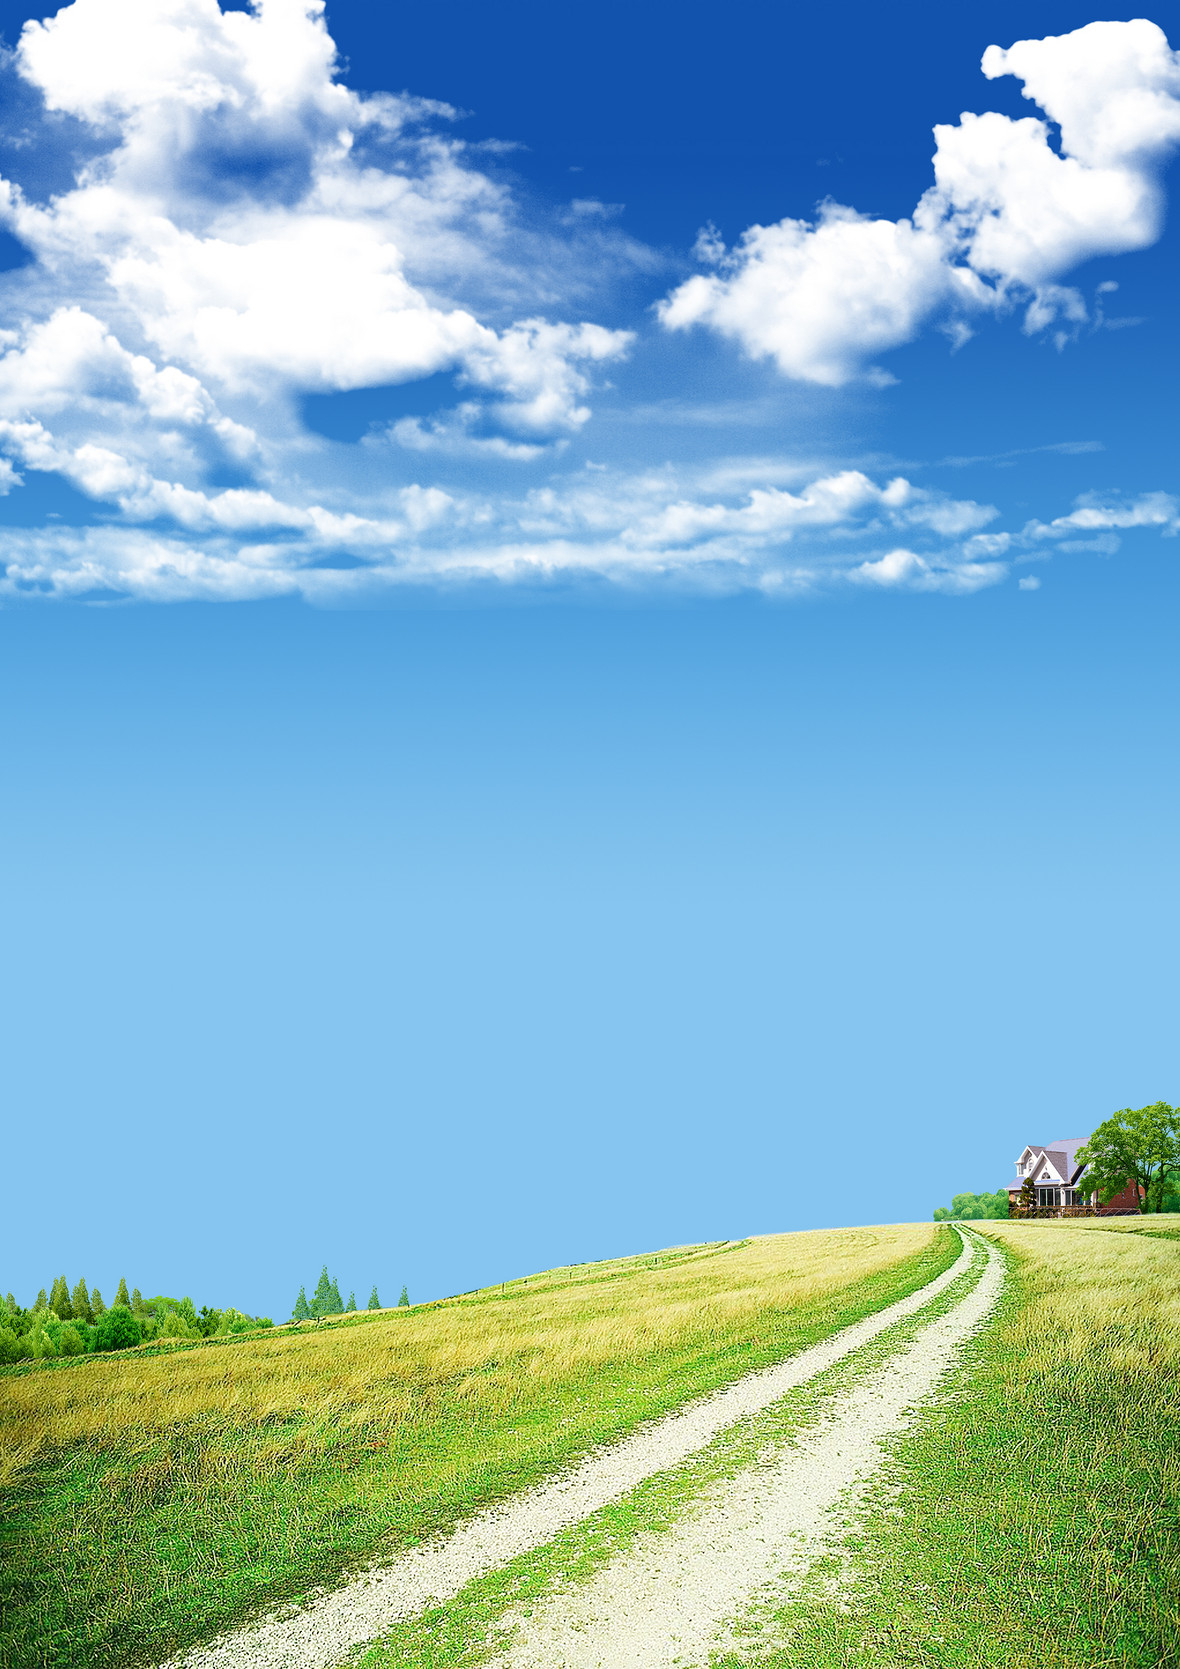 > 清新蓝天白云背景素材  图精灵为您提供清新蓝天白云背景素材免费